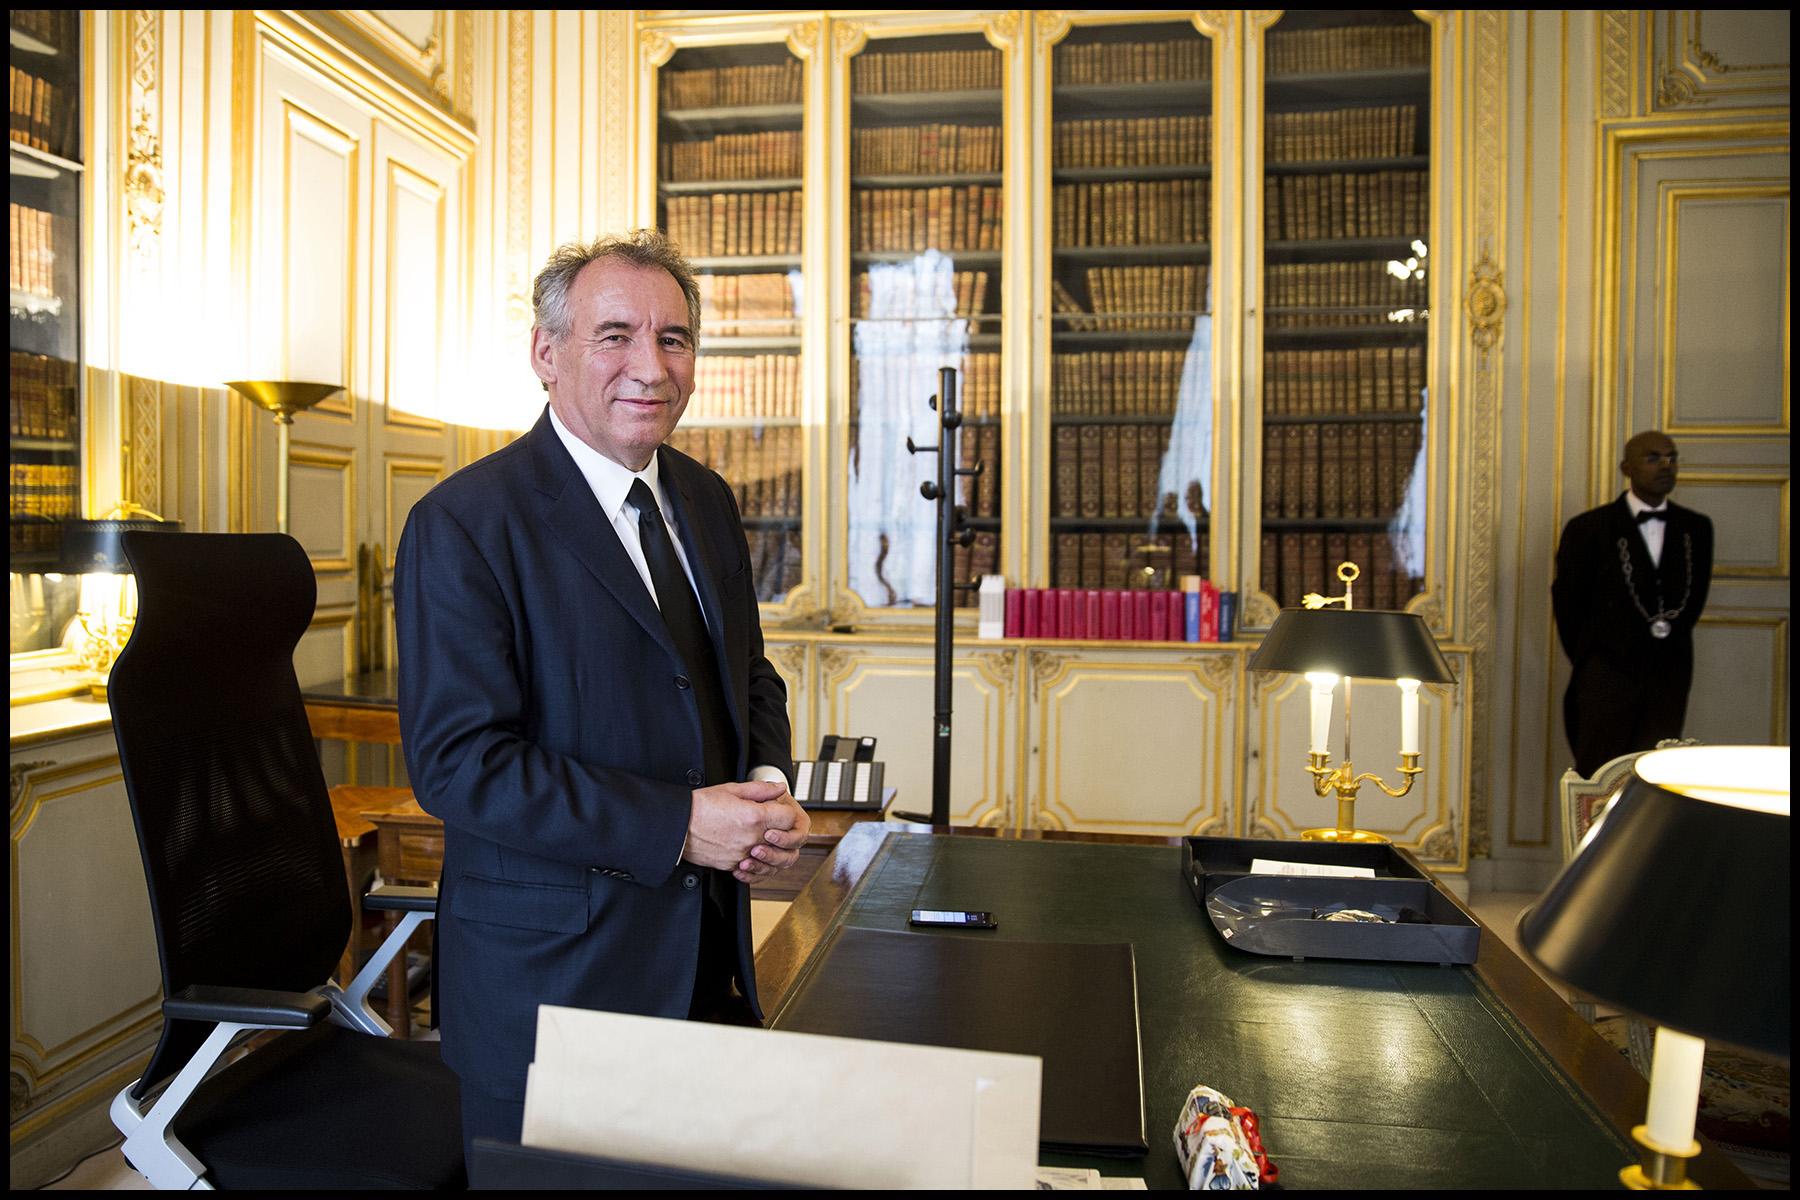 Passation de pouvoir entre Jean-Jacques URVOAS et François BAYROU à la justice